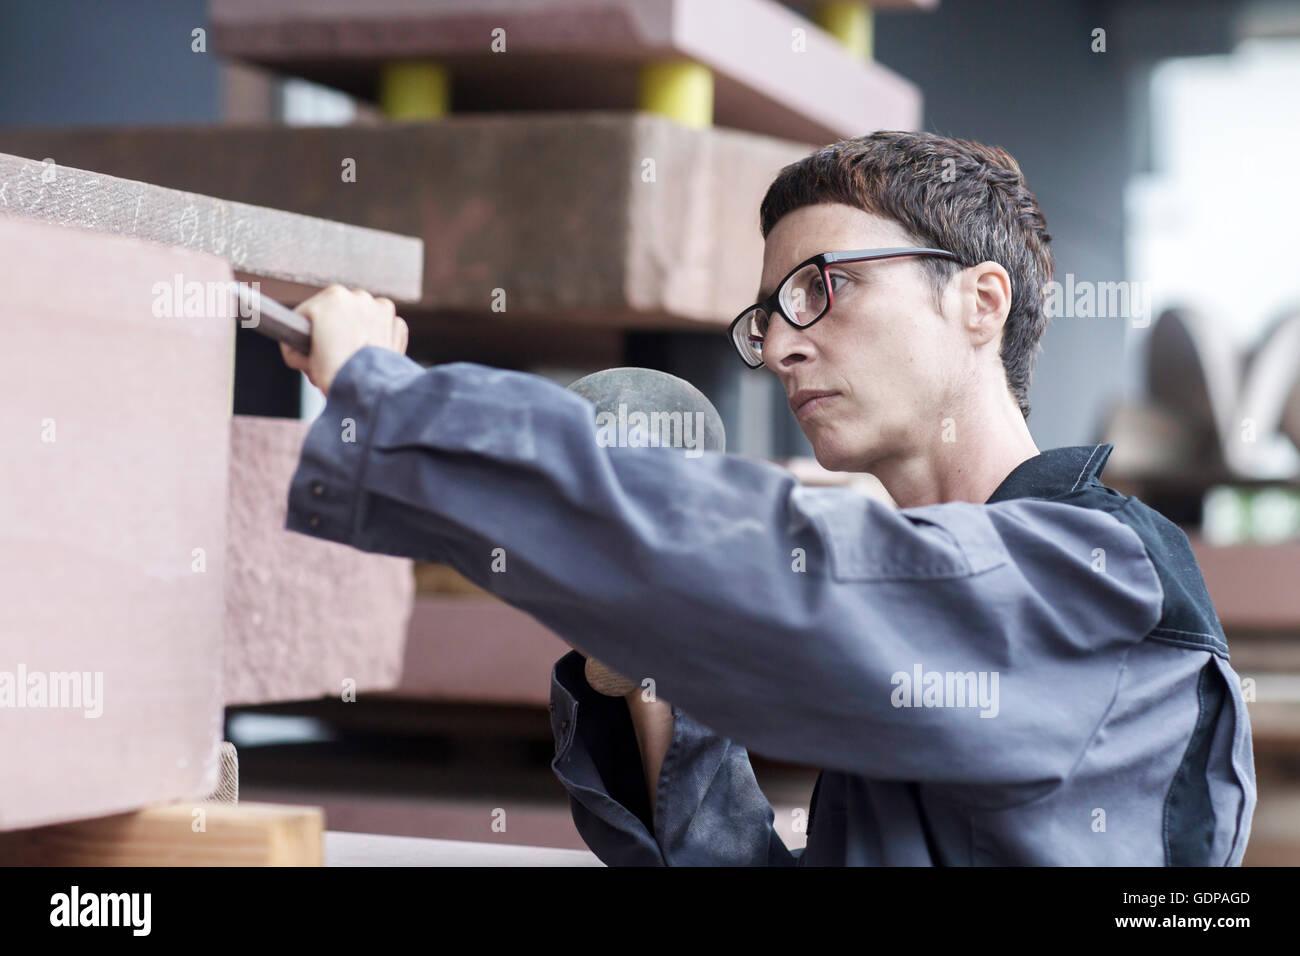 Tailleur de pierre à l'aide de ciseau et maillet sur bloc de pierre Banque D'Images